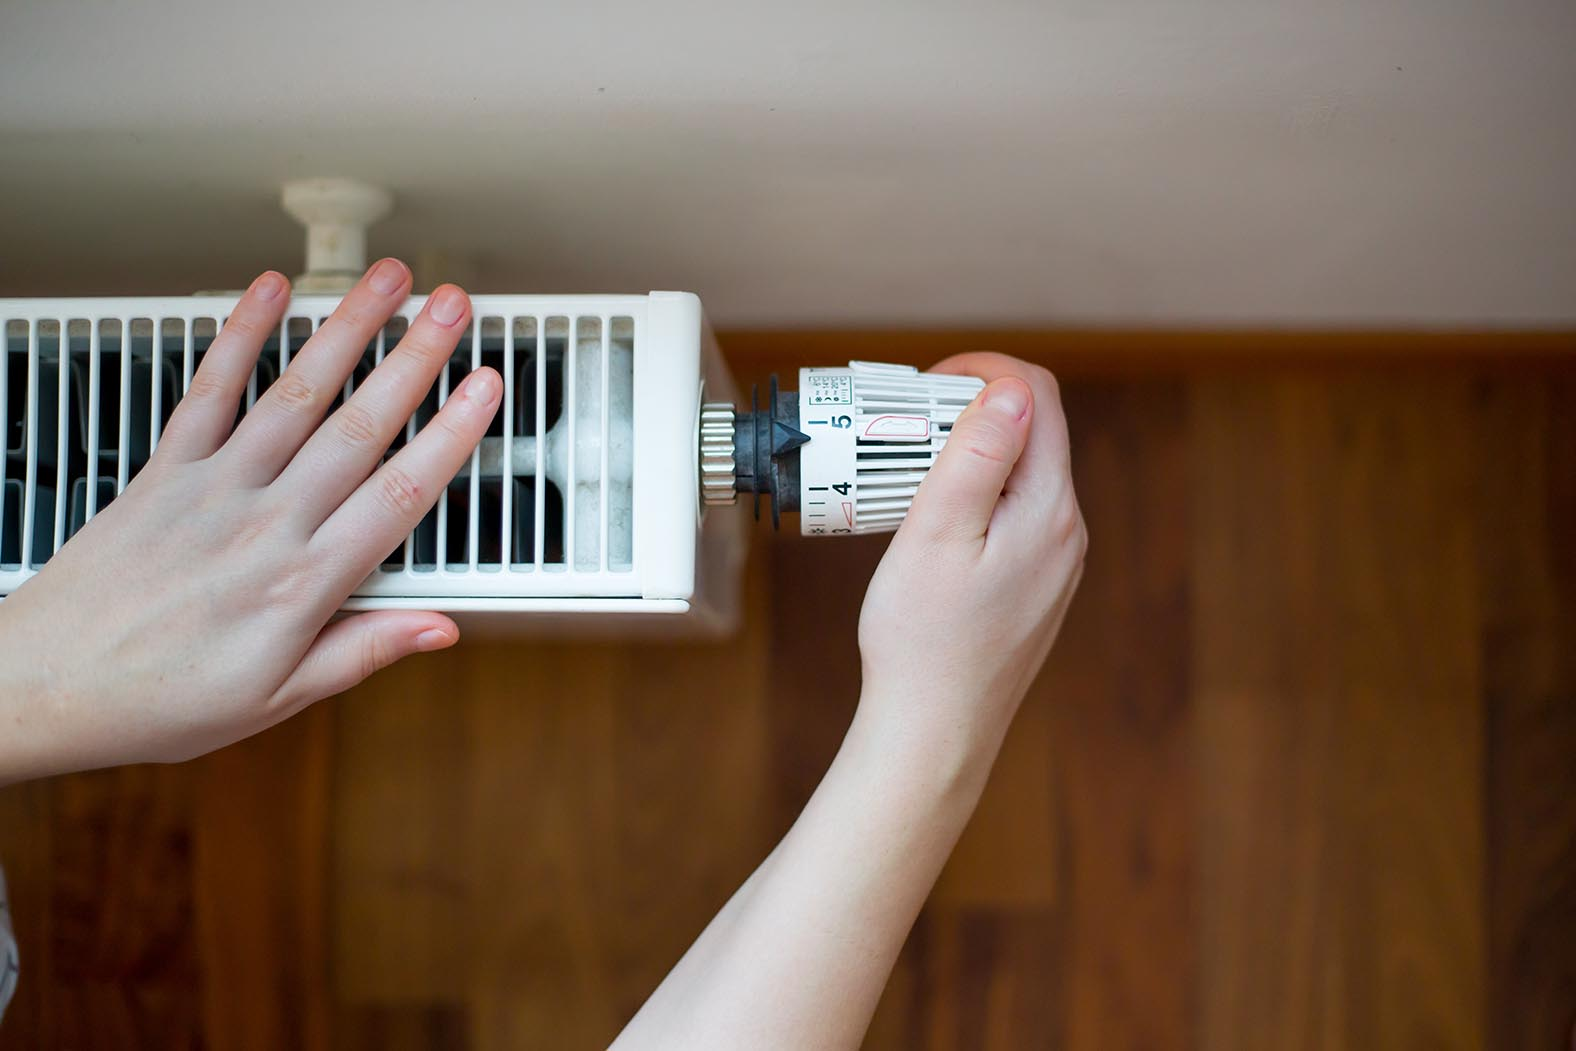 Heizkörper Thermostat prüfen